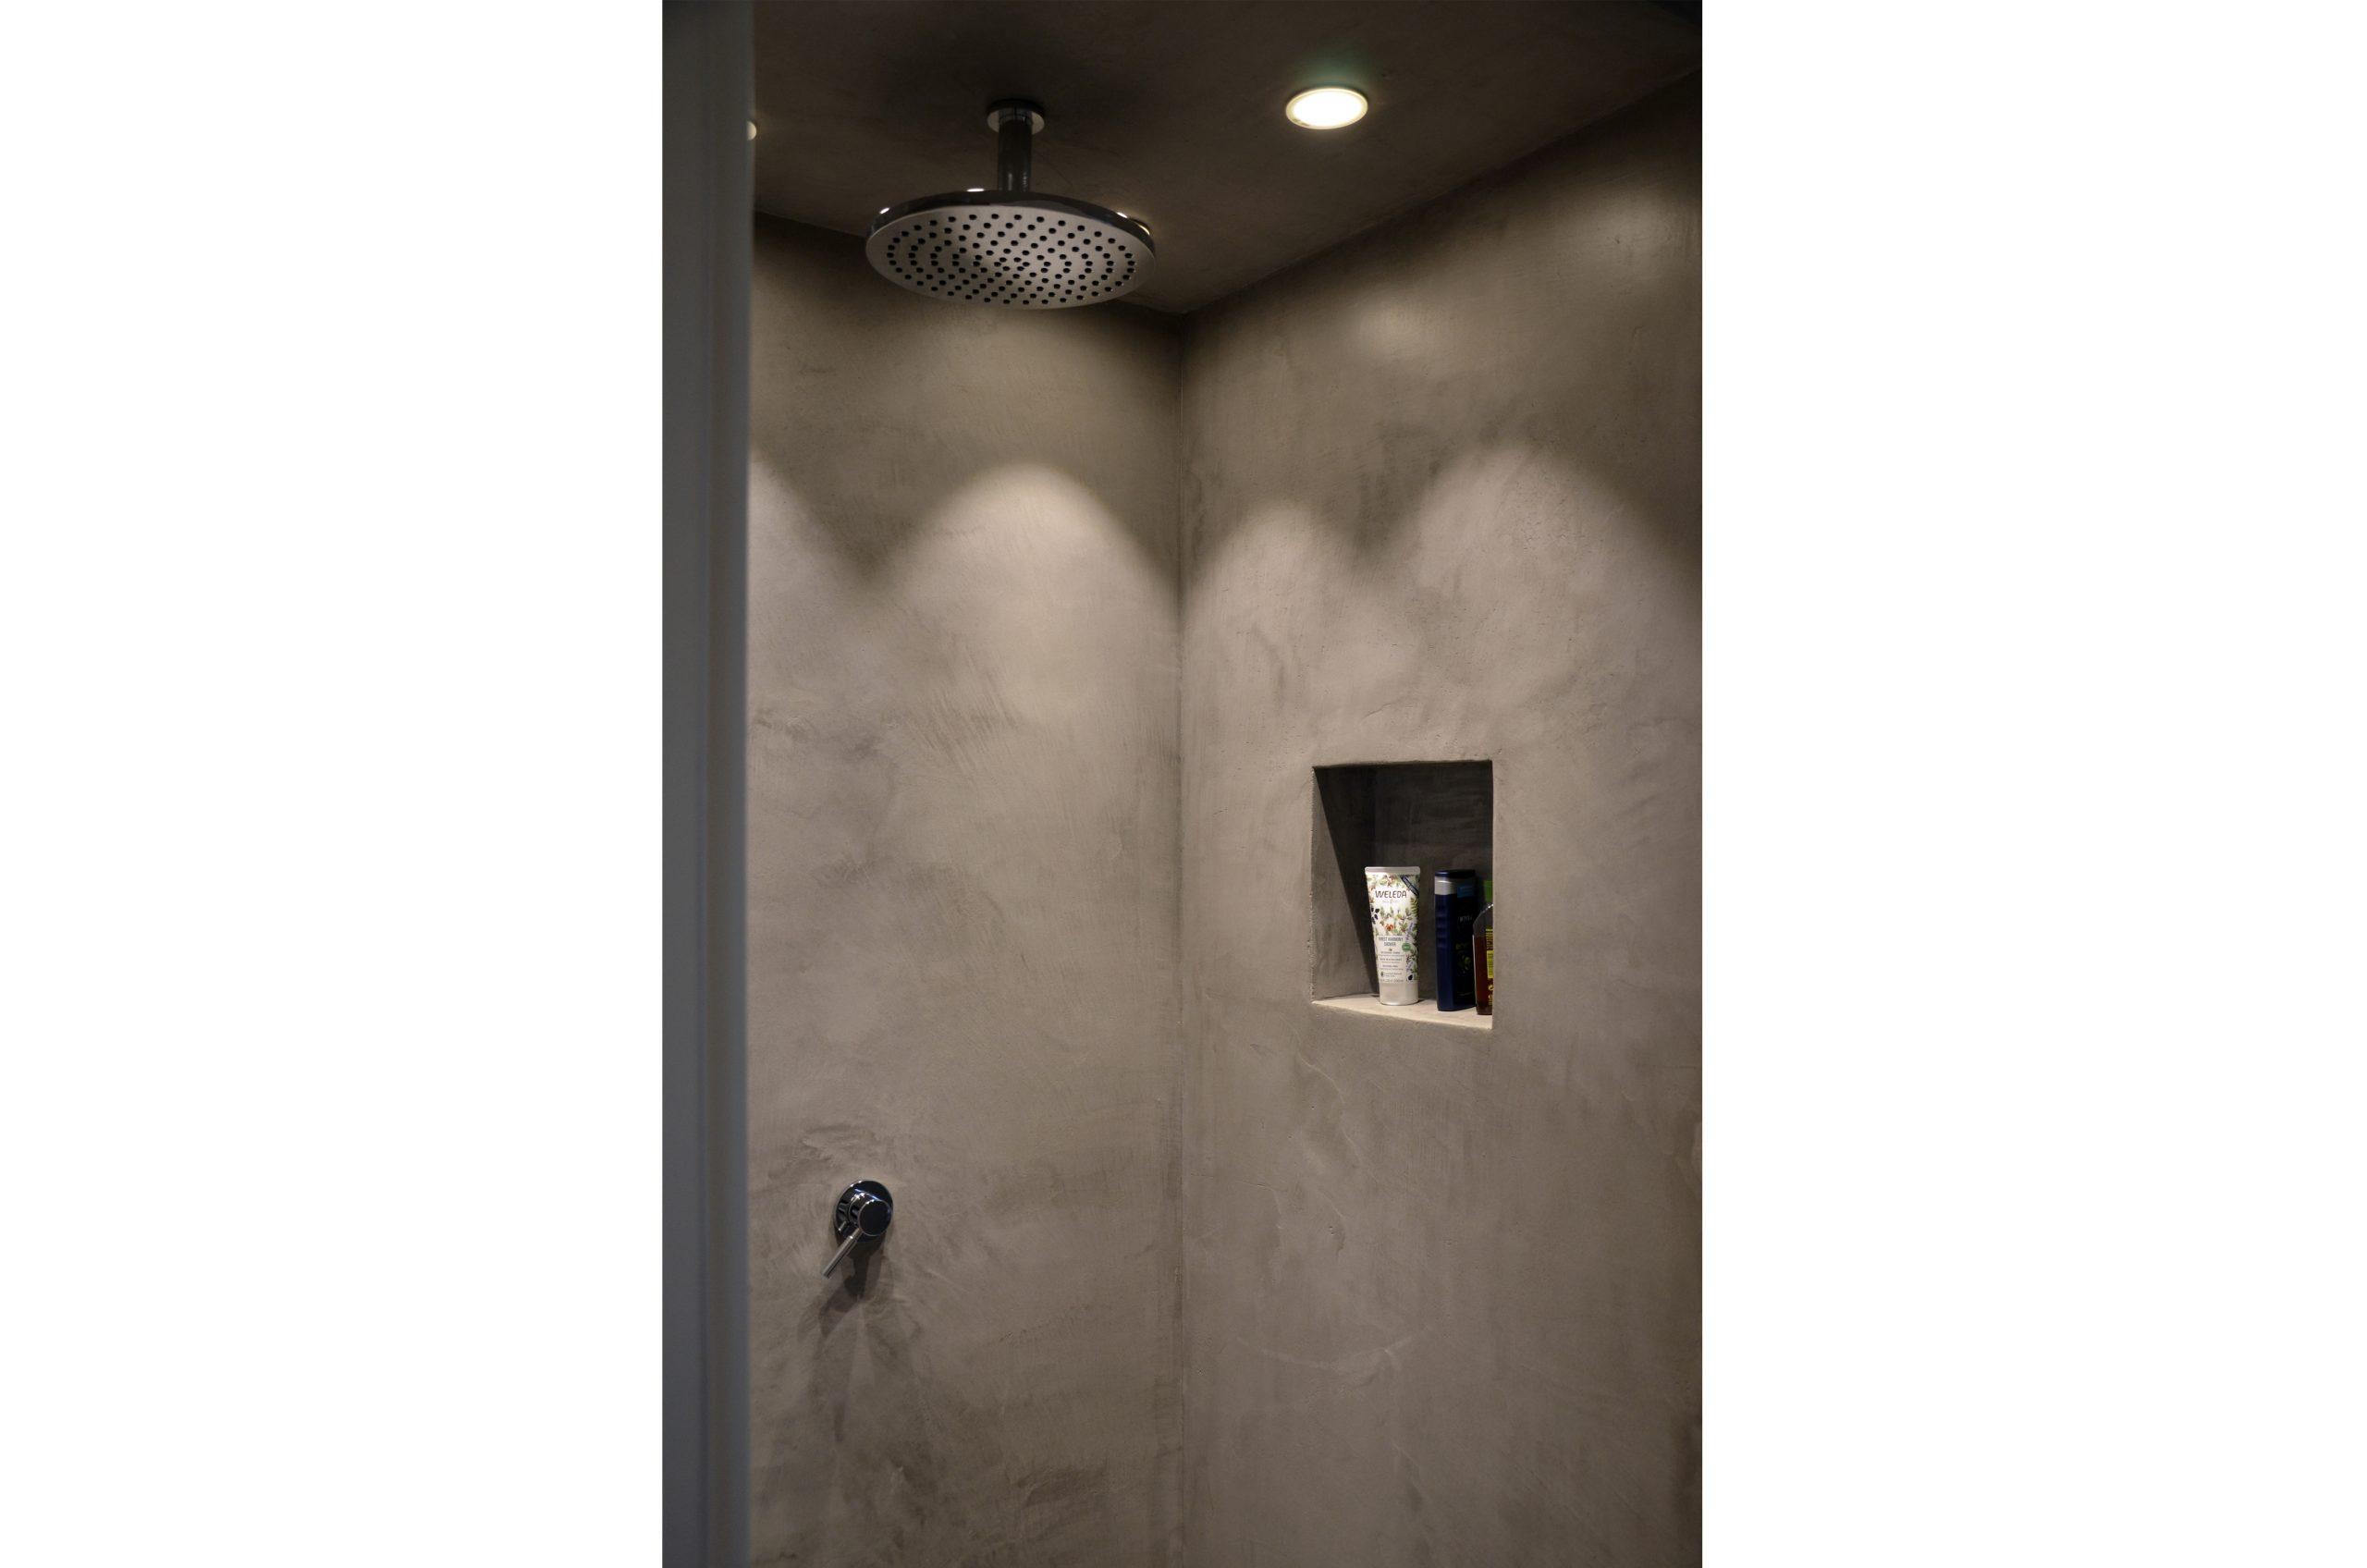 jacob-mayer-voigt-architekt-interior-design-architektur-holzhaus-design-minimalismus-dusche